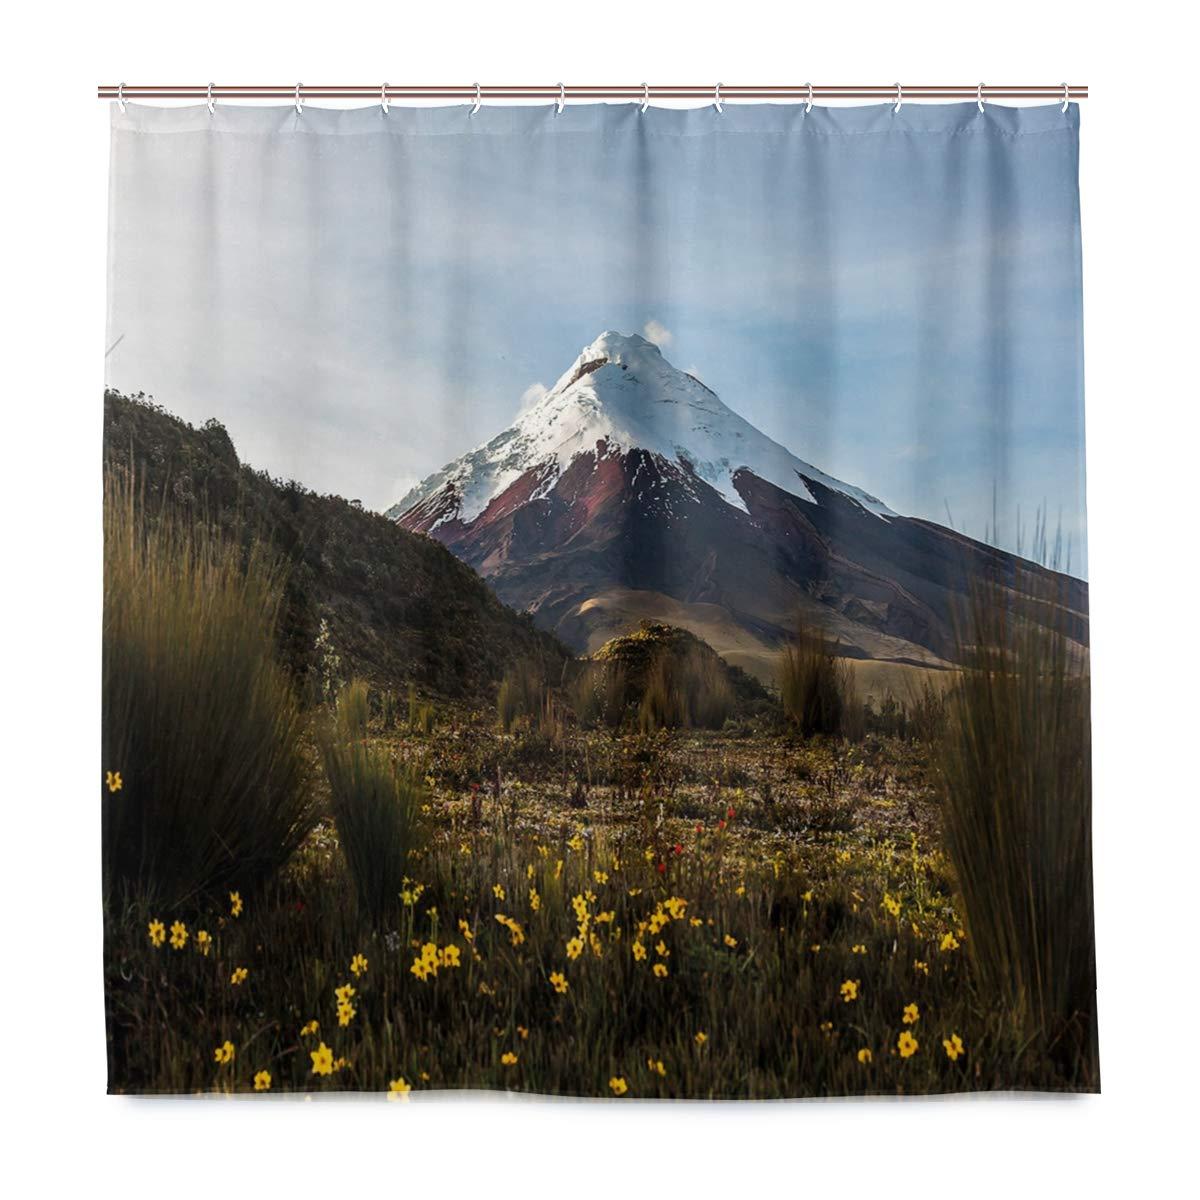 Rideau de douche Unique Cotopaxi volcan à laube marcher à travers la nature sauvage equateur écologique avec 12 crochets dans la salle de bain W66